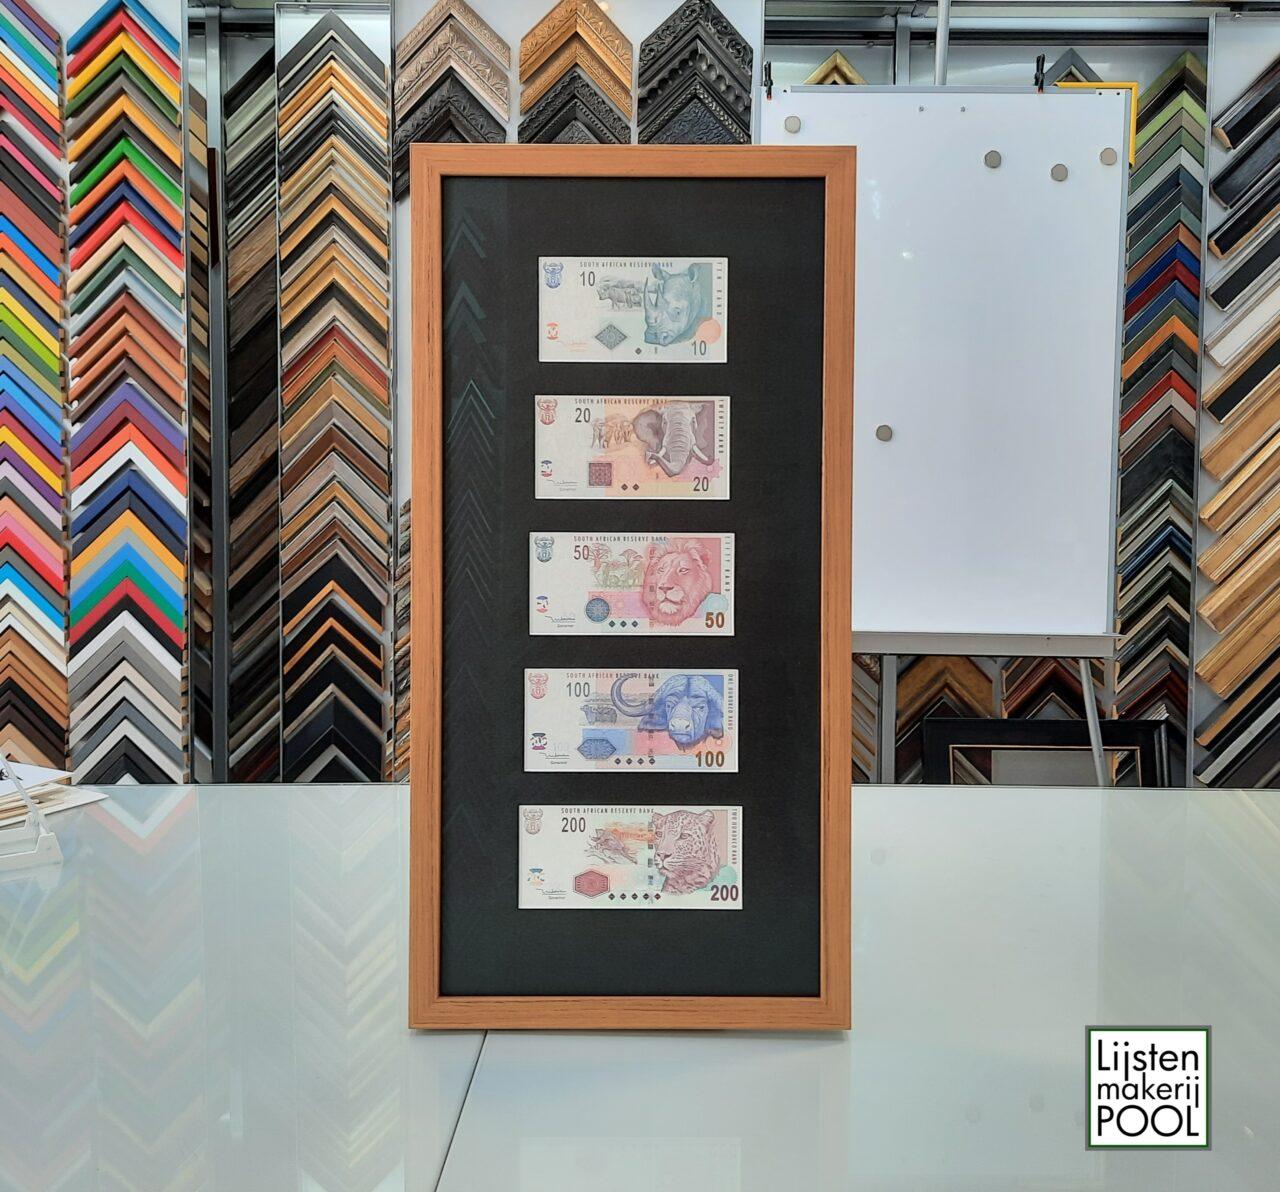 Zuidafrikaanse biljetten als collage ingelijst, Lijstenmakerij Pool, collage passe-partout. Lijstenmakerij Pool Elburg.